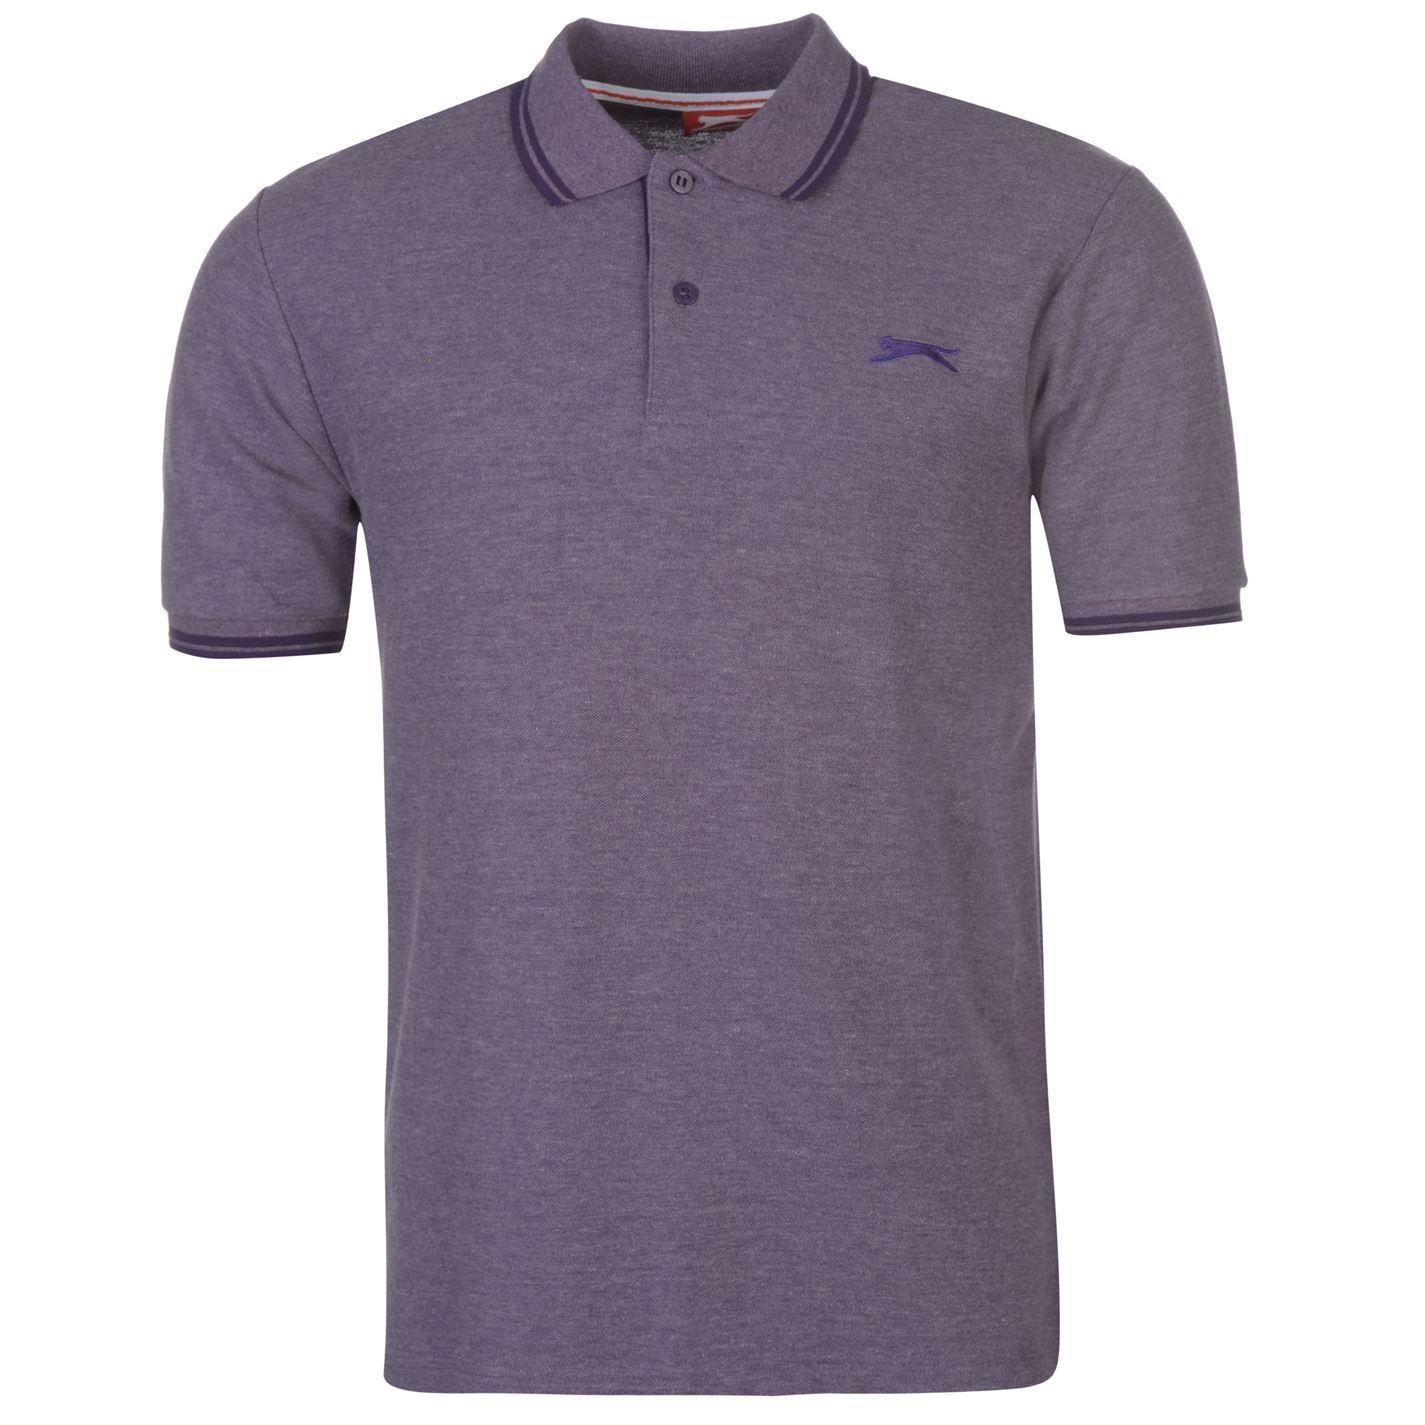 Slazenger-Polo-Camisa-de-hombre-con-cuello-con-Punta-T-Shirt-Top-Camiseta-Tee miniatura 93